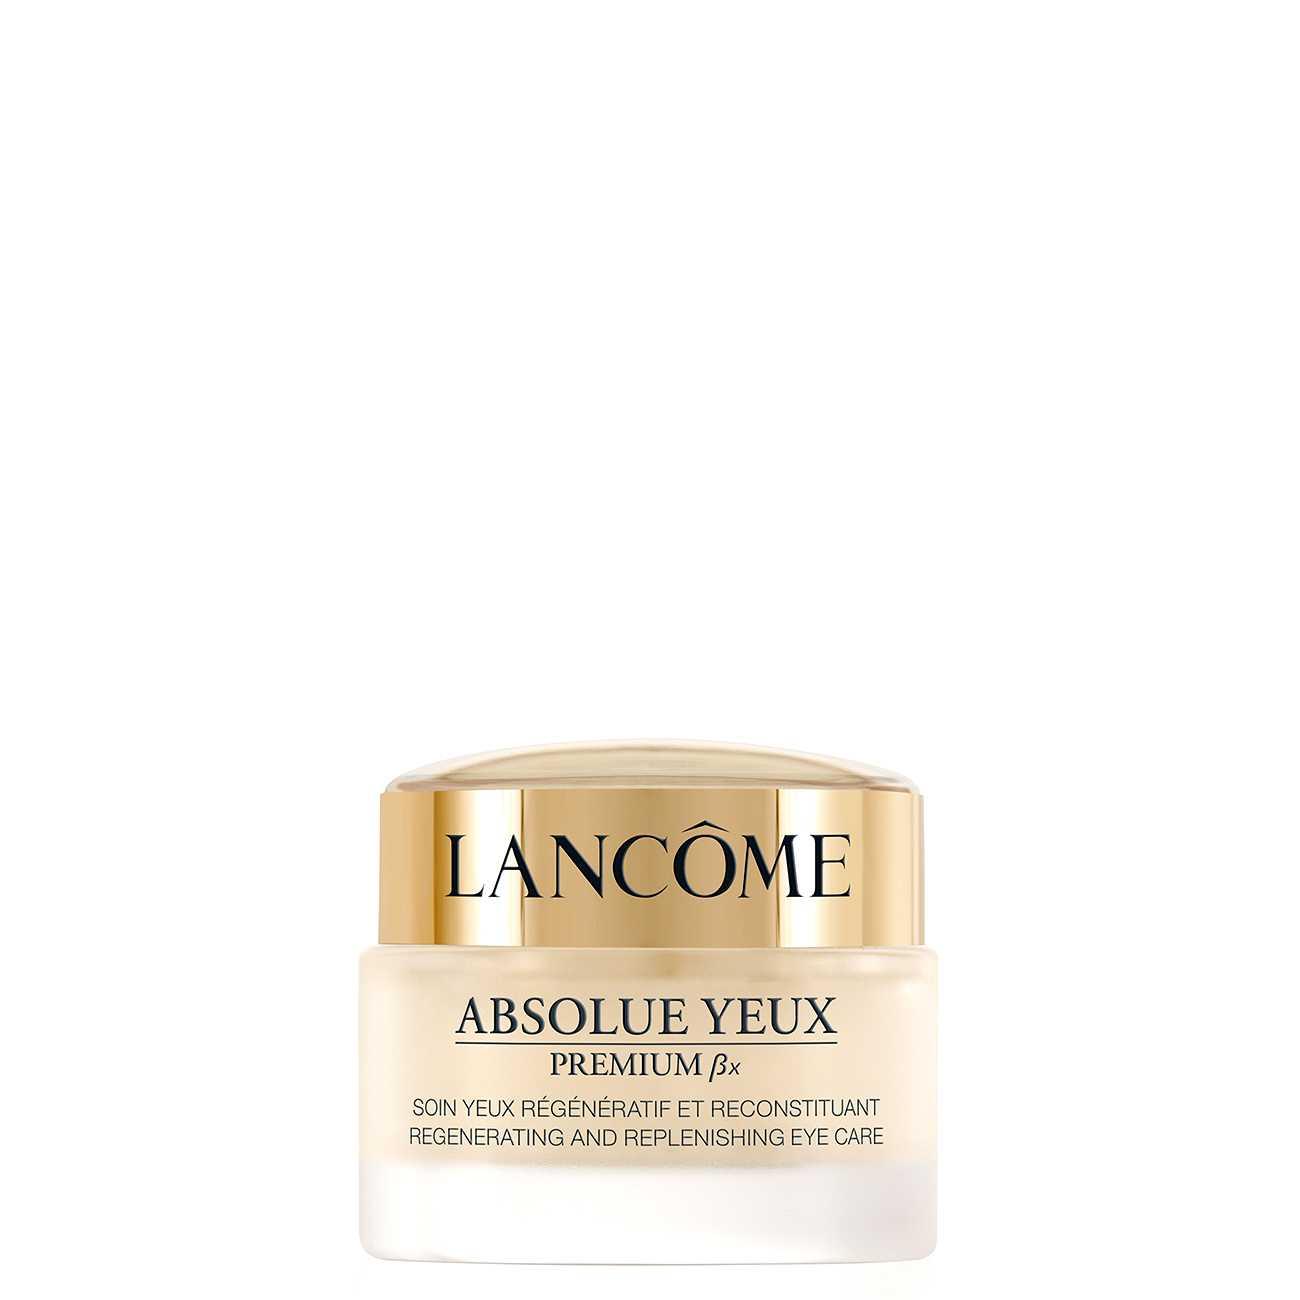 ABSOLUE YEUX PREMIUM BX 20 ML